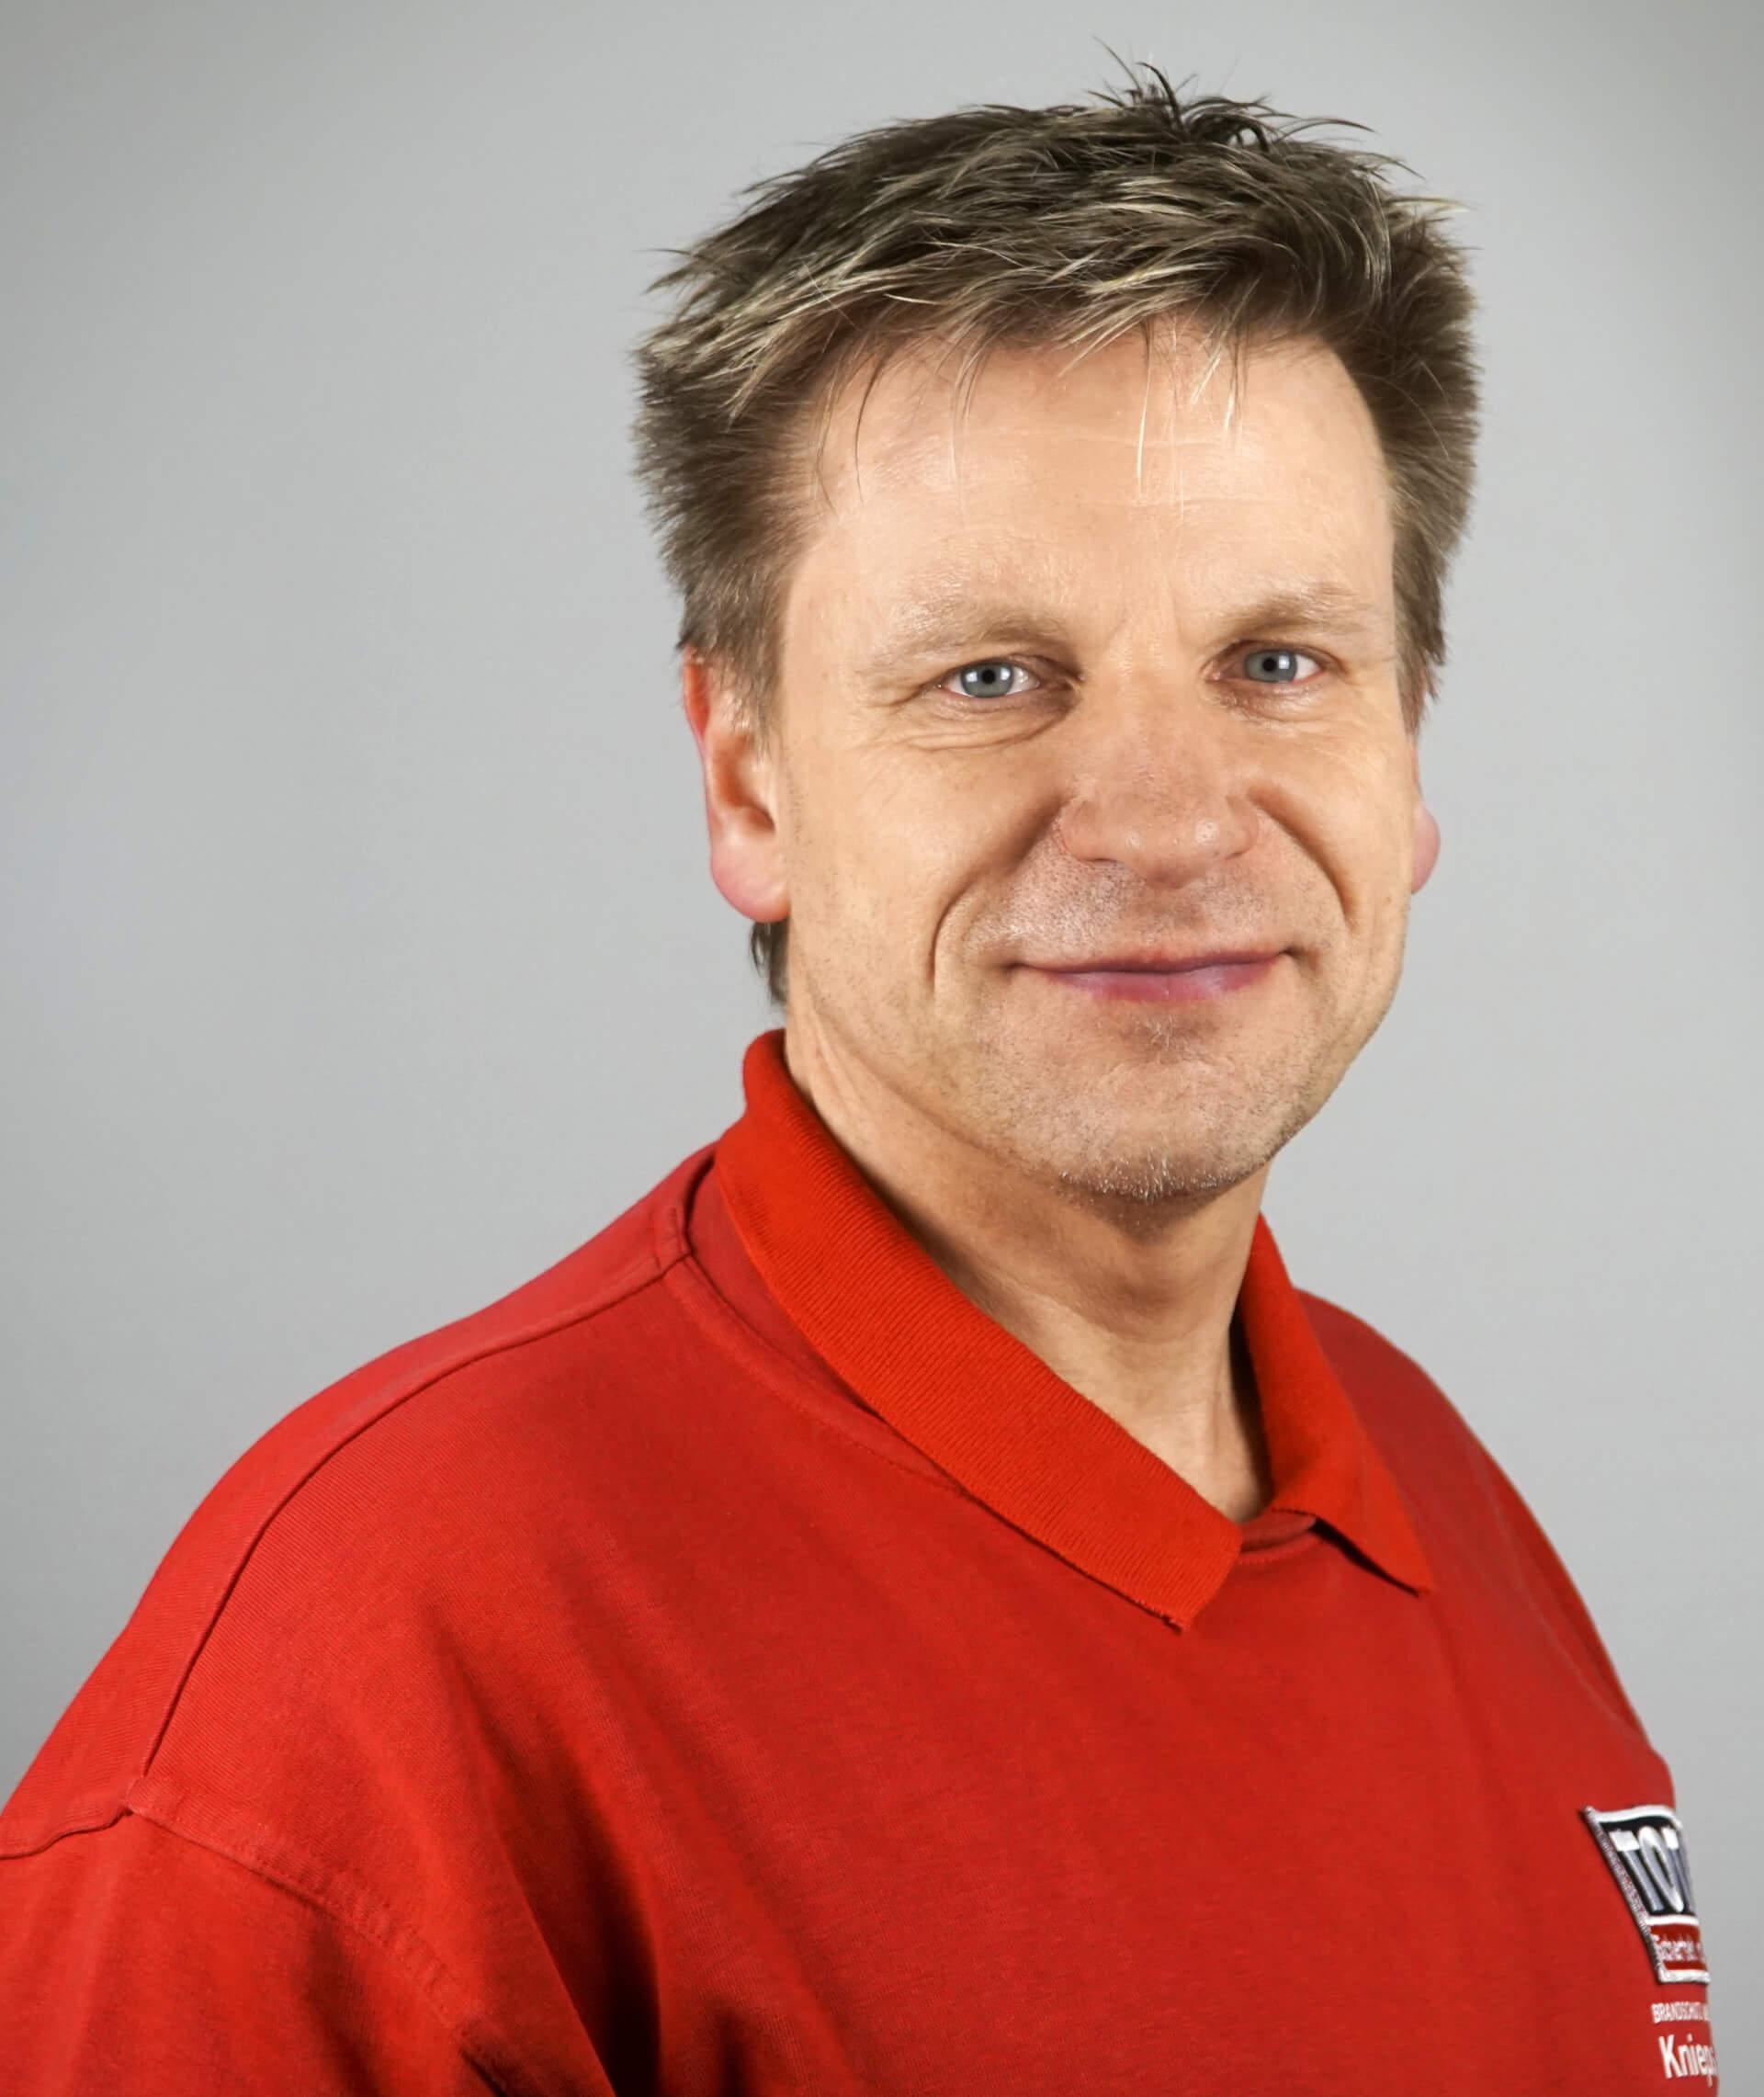 Jörg Paschmann von der Knieps & Komm GmbH